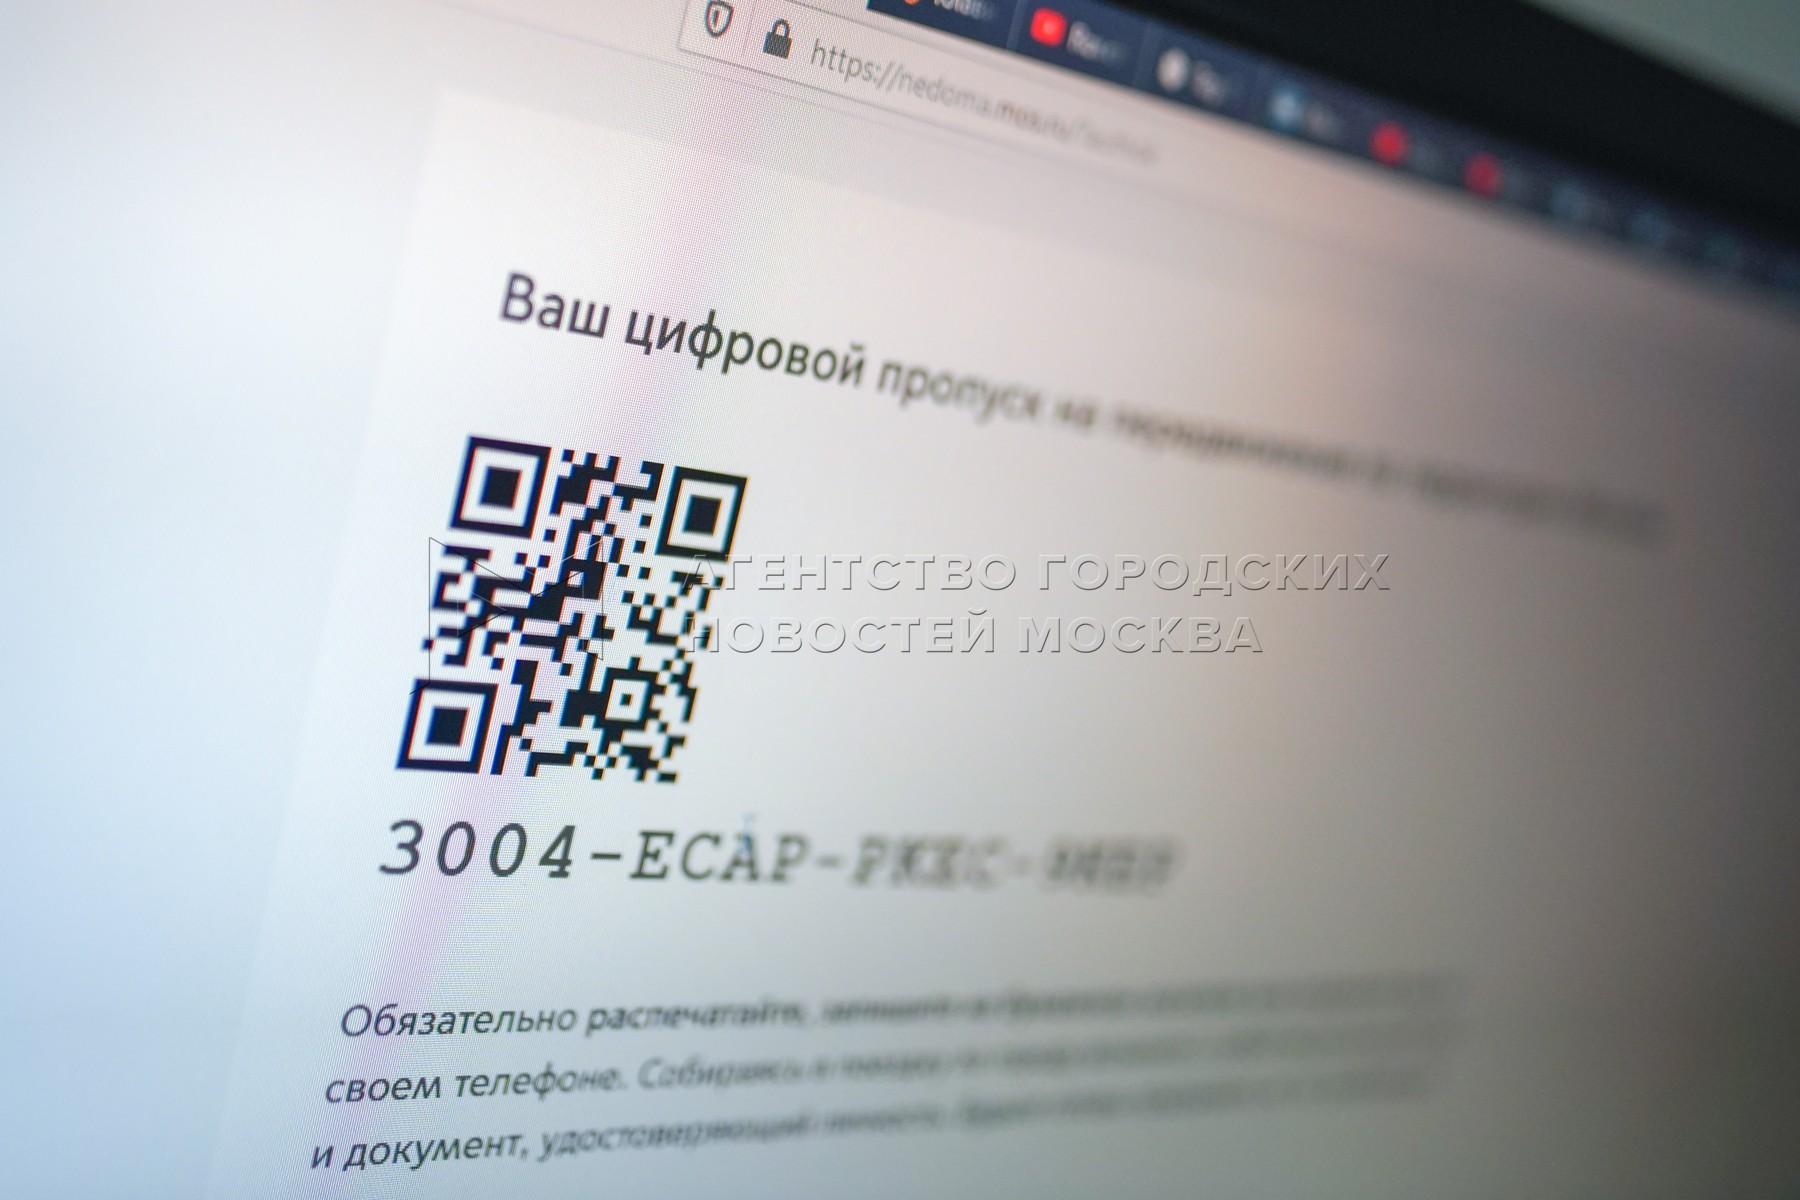 Цифровой пропуск для передвижения по Москве.